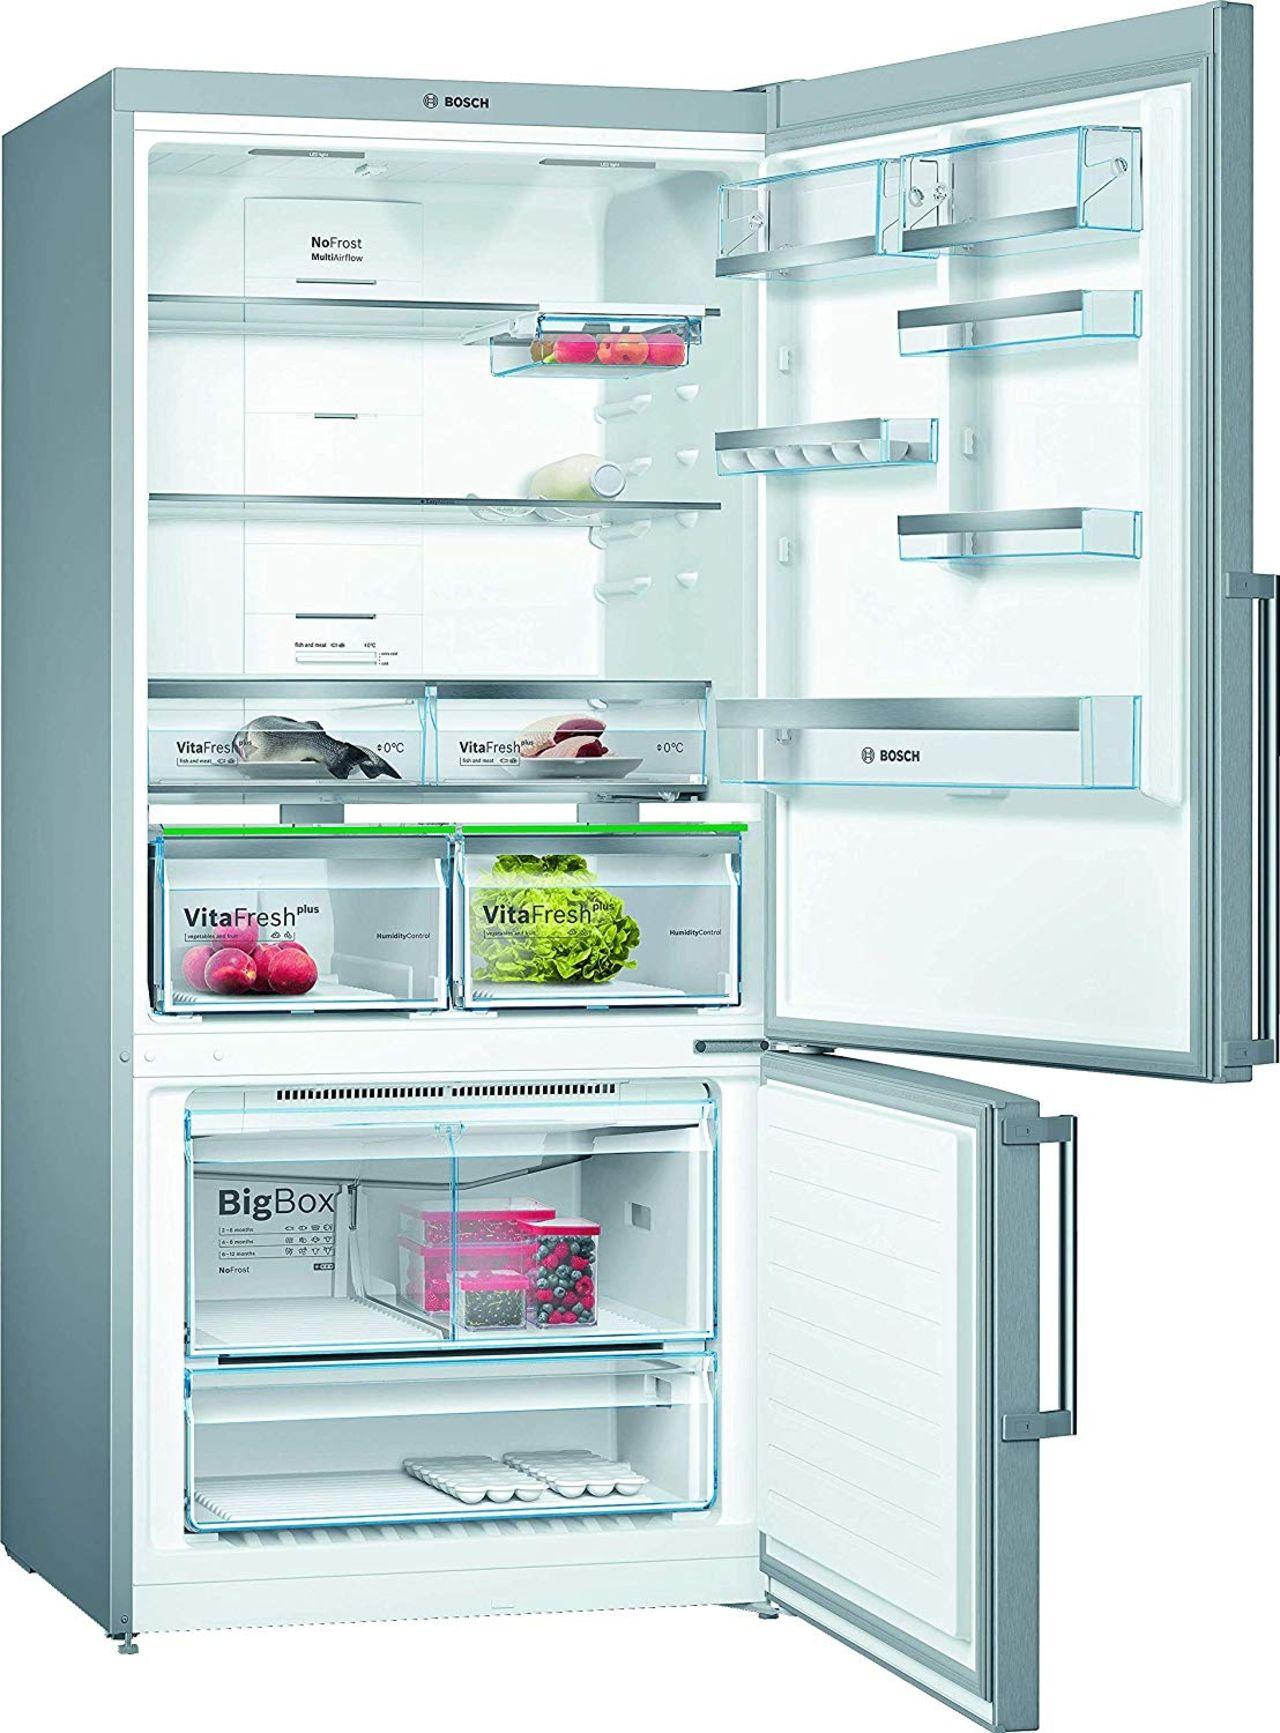 Bosch Kgn86ai4p Un Refrigerateur Combine Original Dans Les Grandes Largeurs Les Numeriques